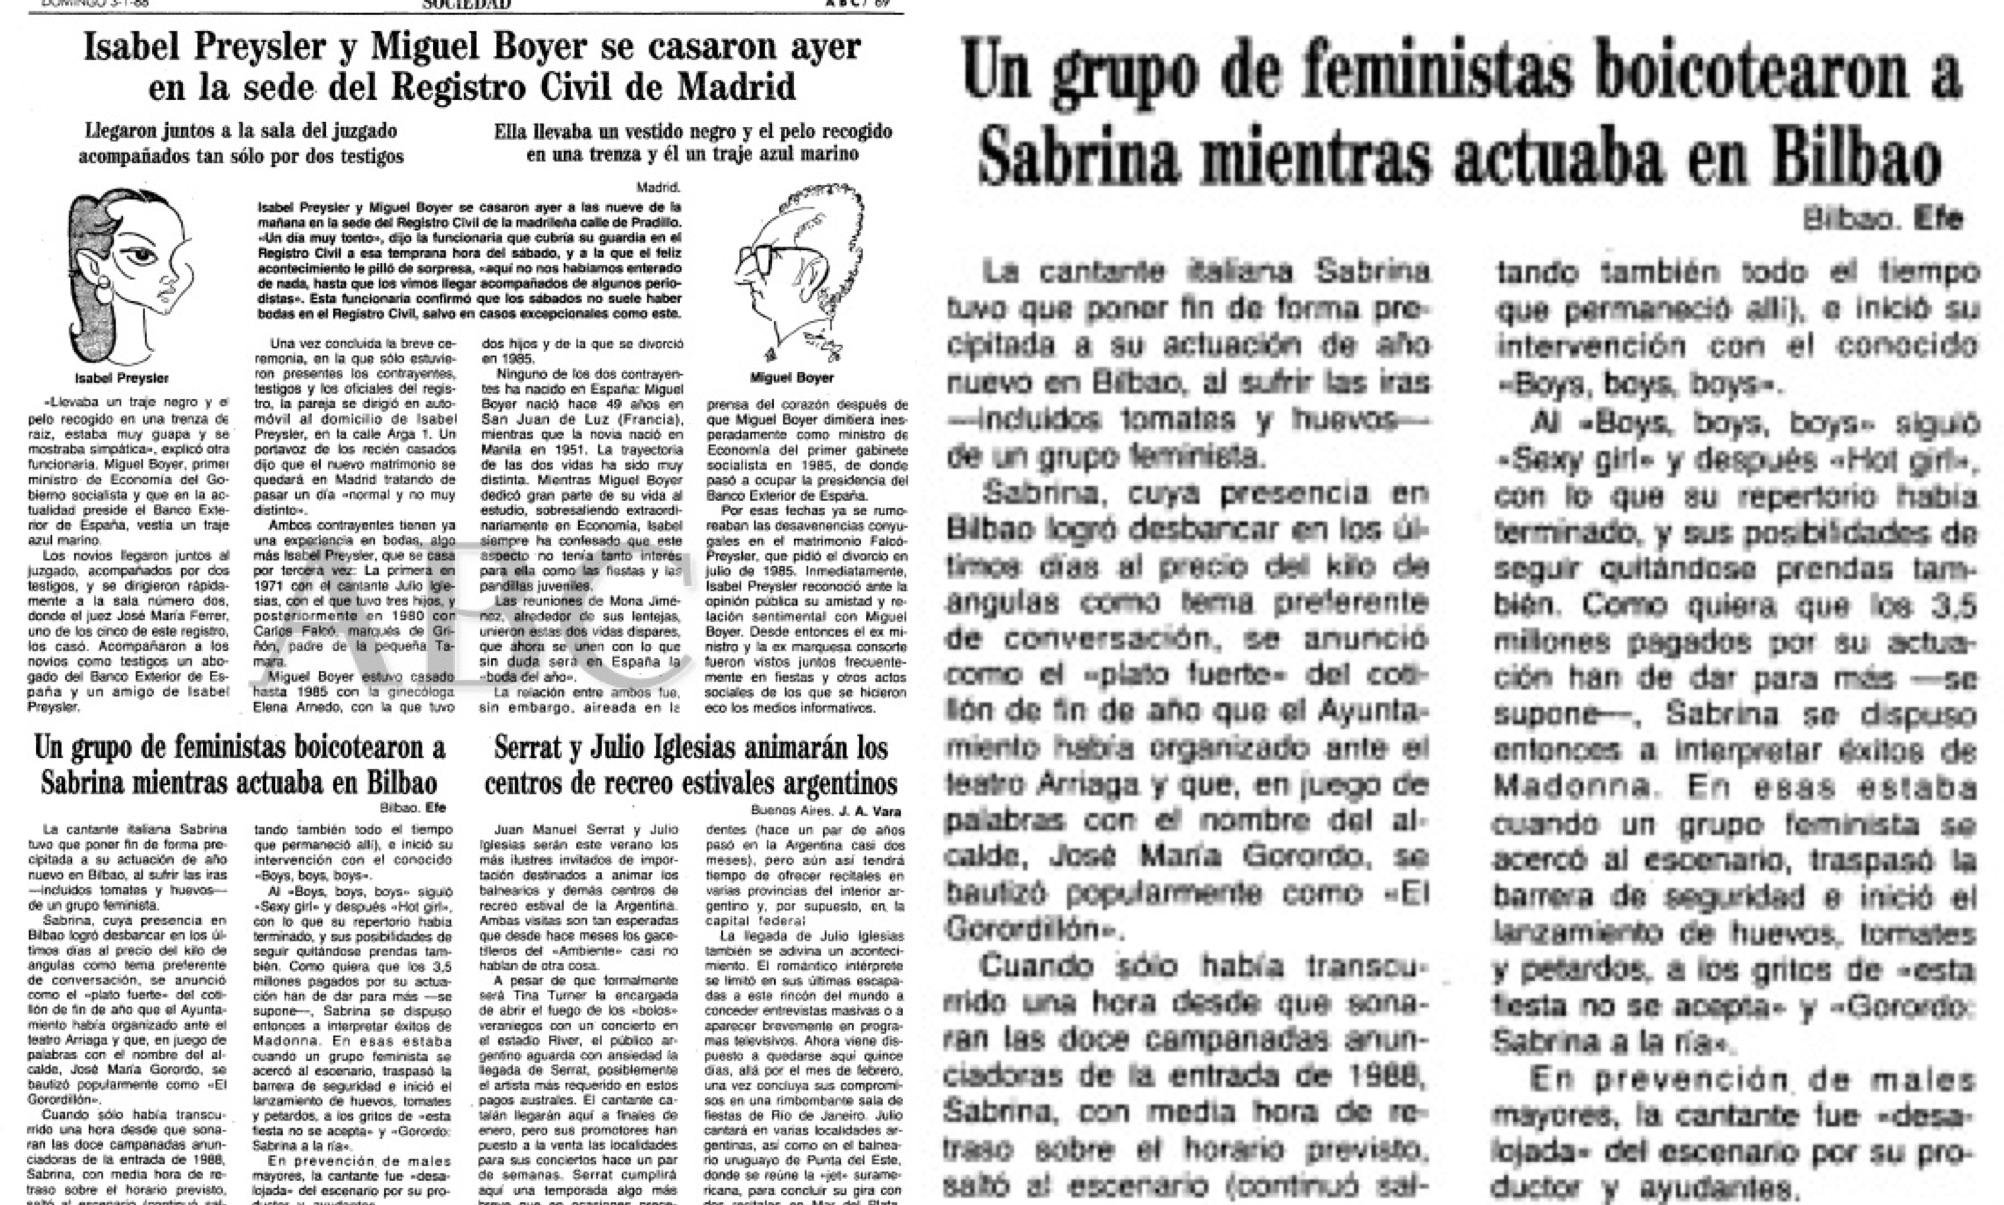 Diario ABC con la noticia sobre el incidente sufrido por Sabrina.